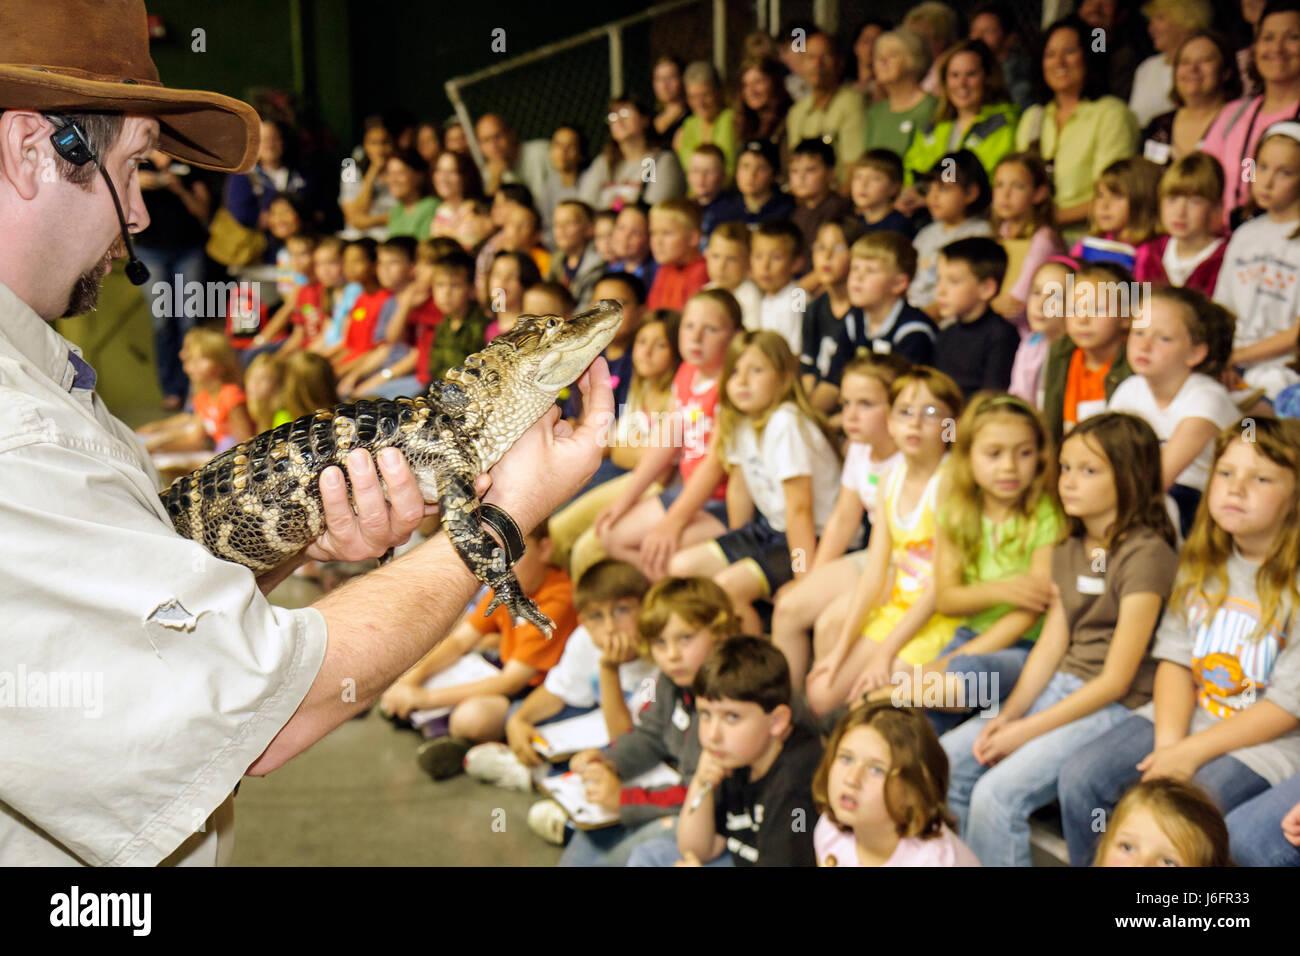 Sevierville, Tennessee Rainforest AdventuresTropical descubrimiento zoológico cocodrilo juvenil estudiantes Imagen De Stock